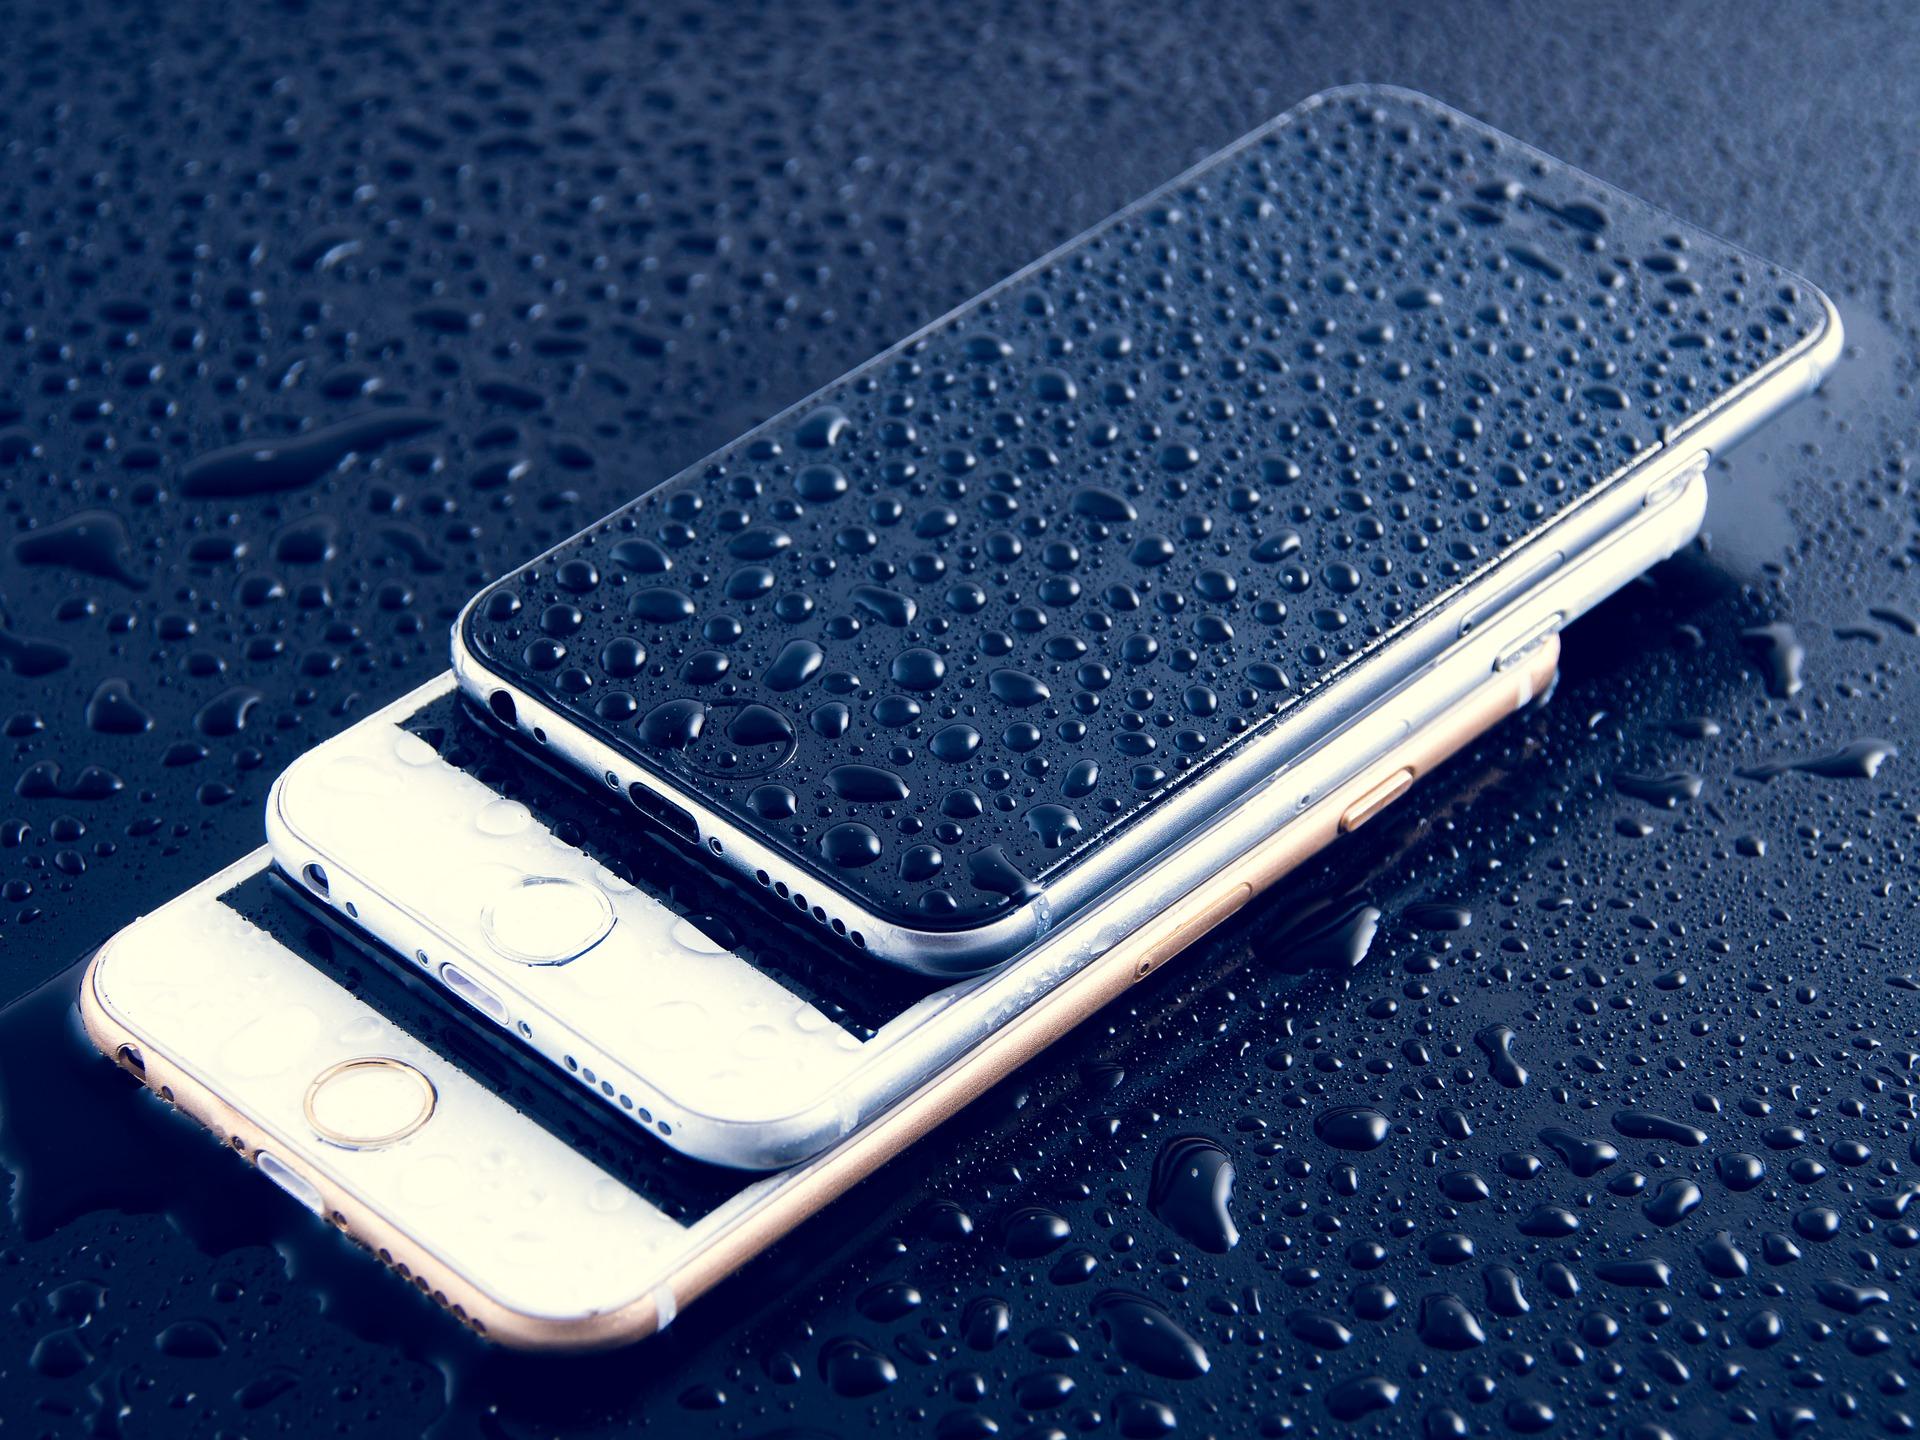 进水手机 - 手机消毒